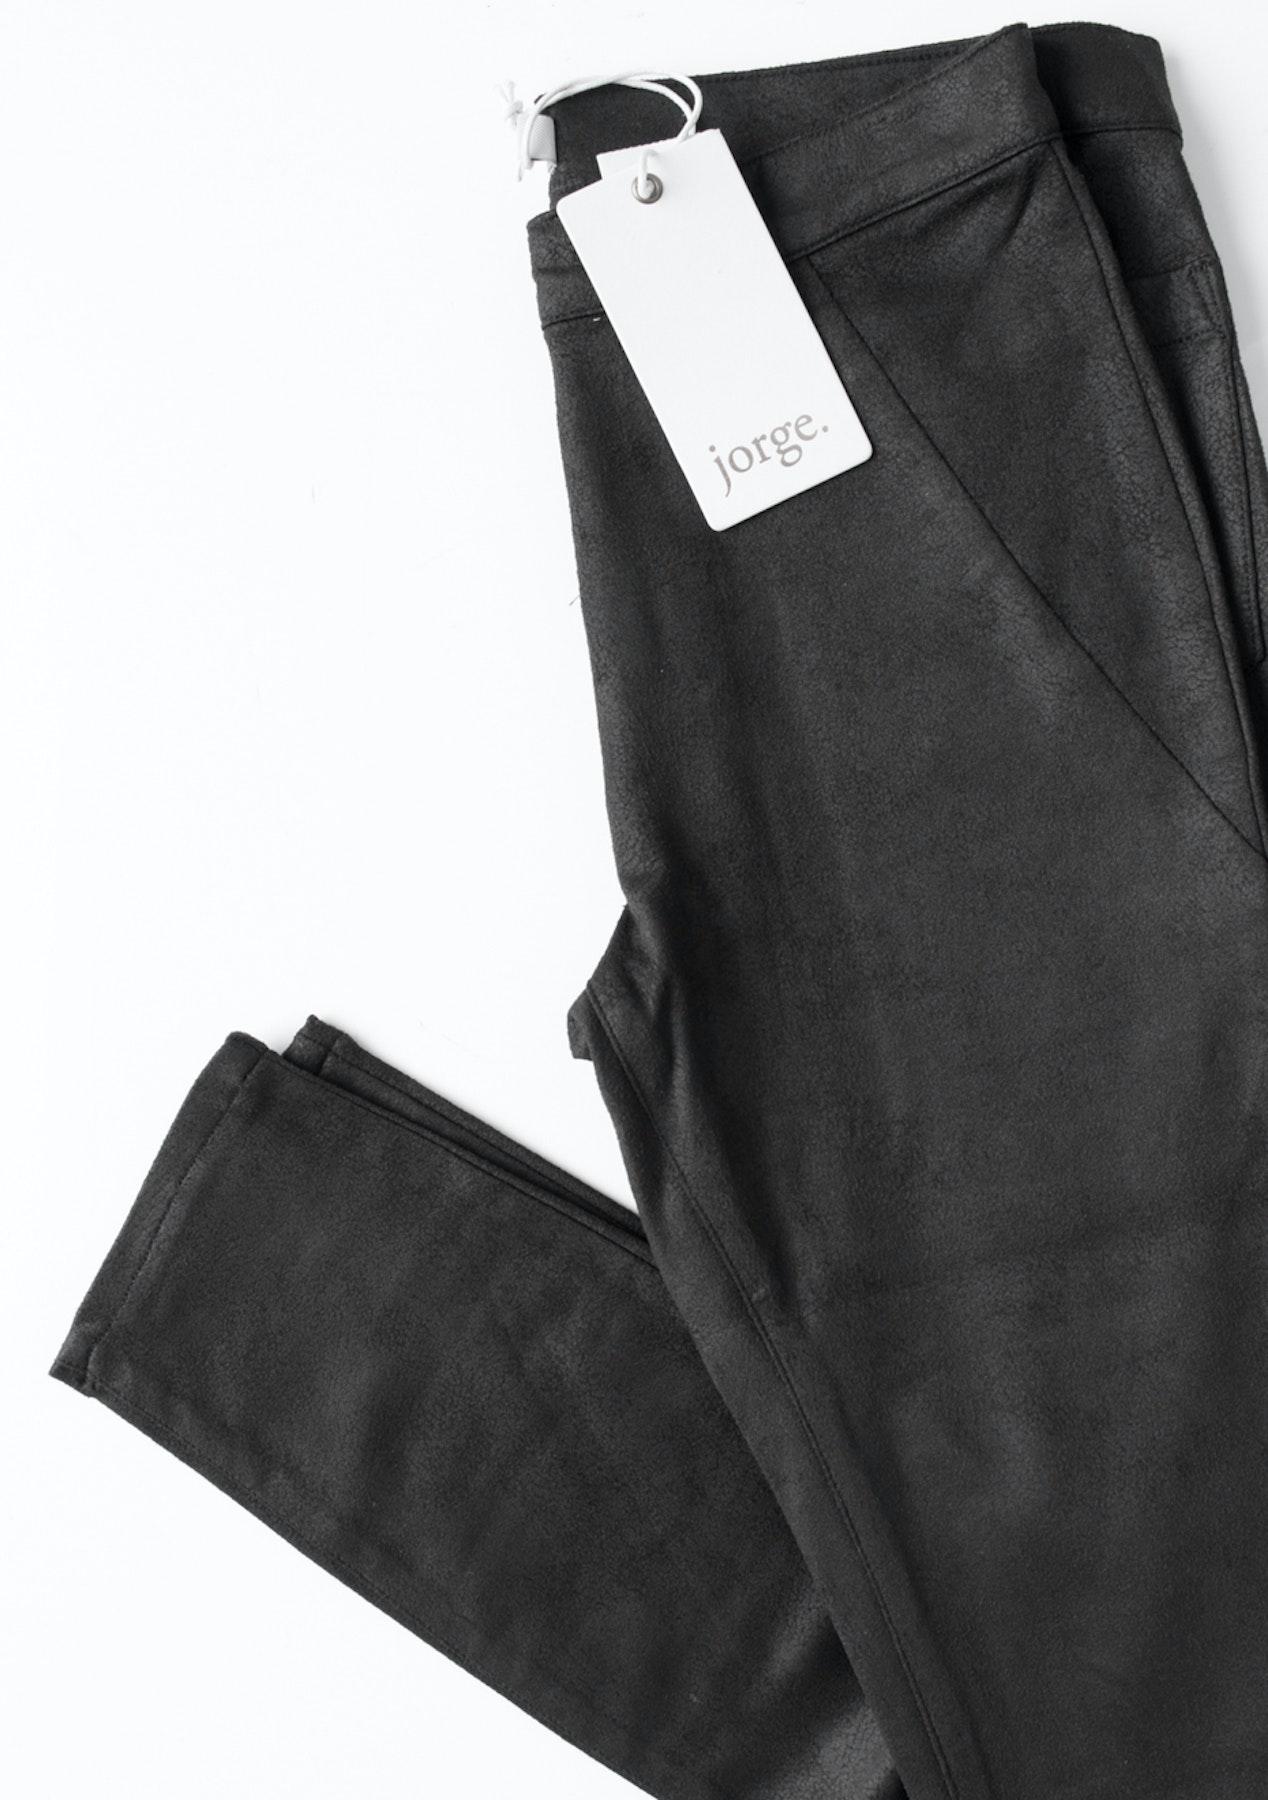 312c1cf4d4037 Jorge - Break Suede Legging - Black - The Big Rummage Rack from $10 - Onceit